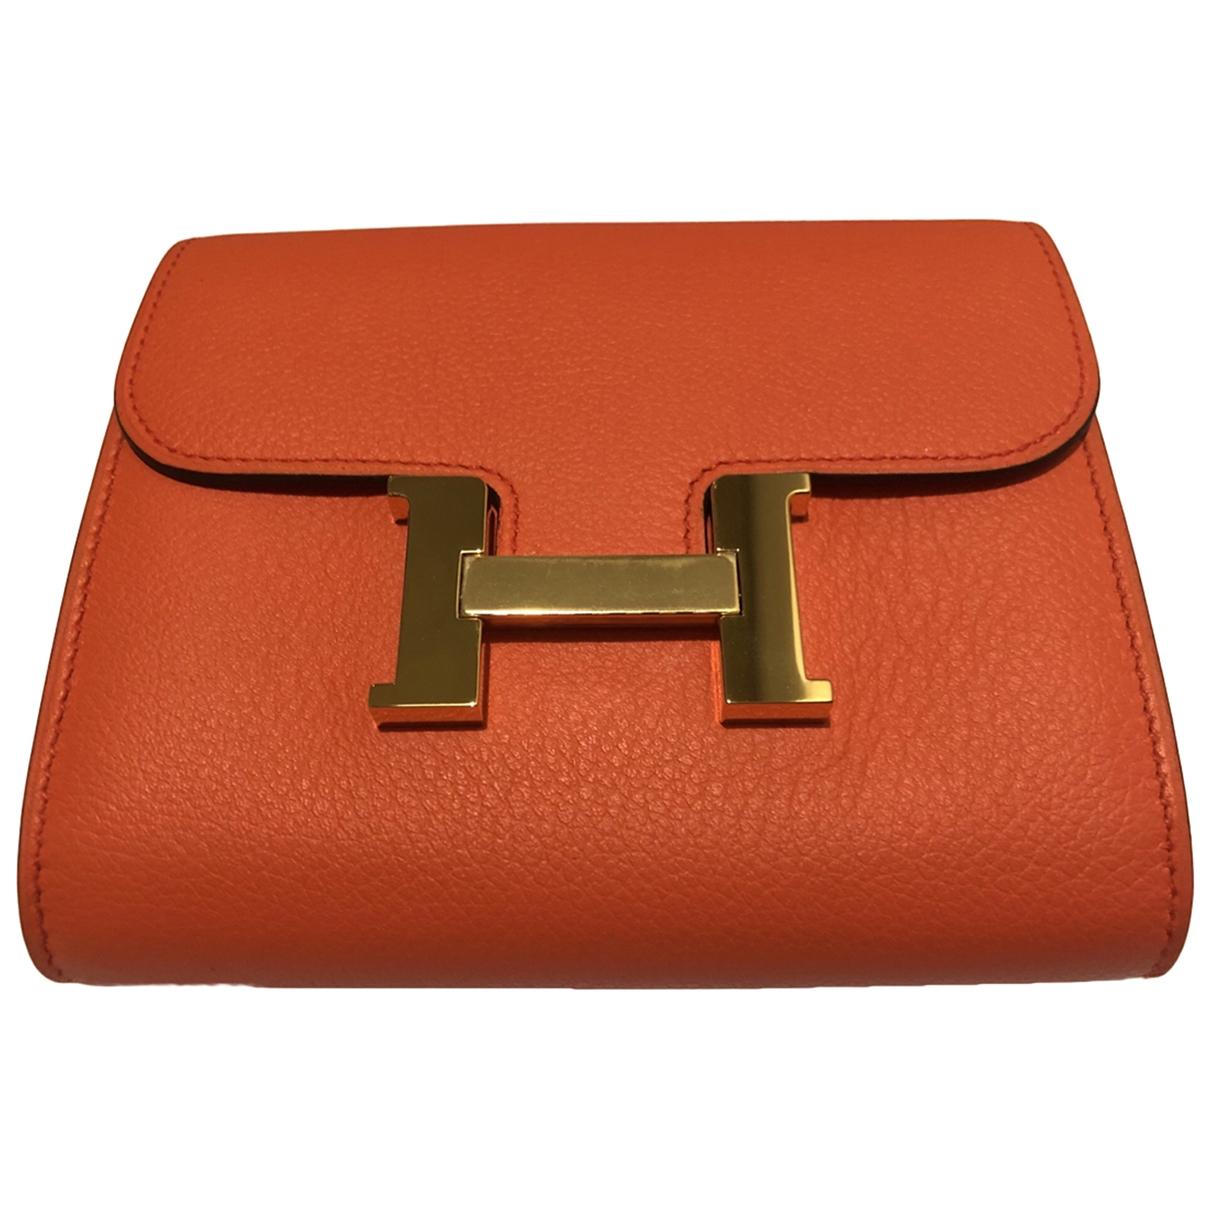 Hermès Constance Orange Leather Purses, wallet & cases for Women \N